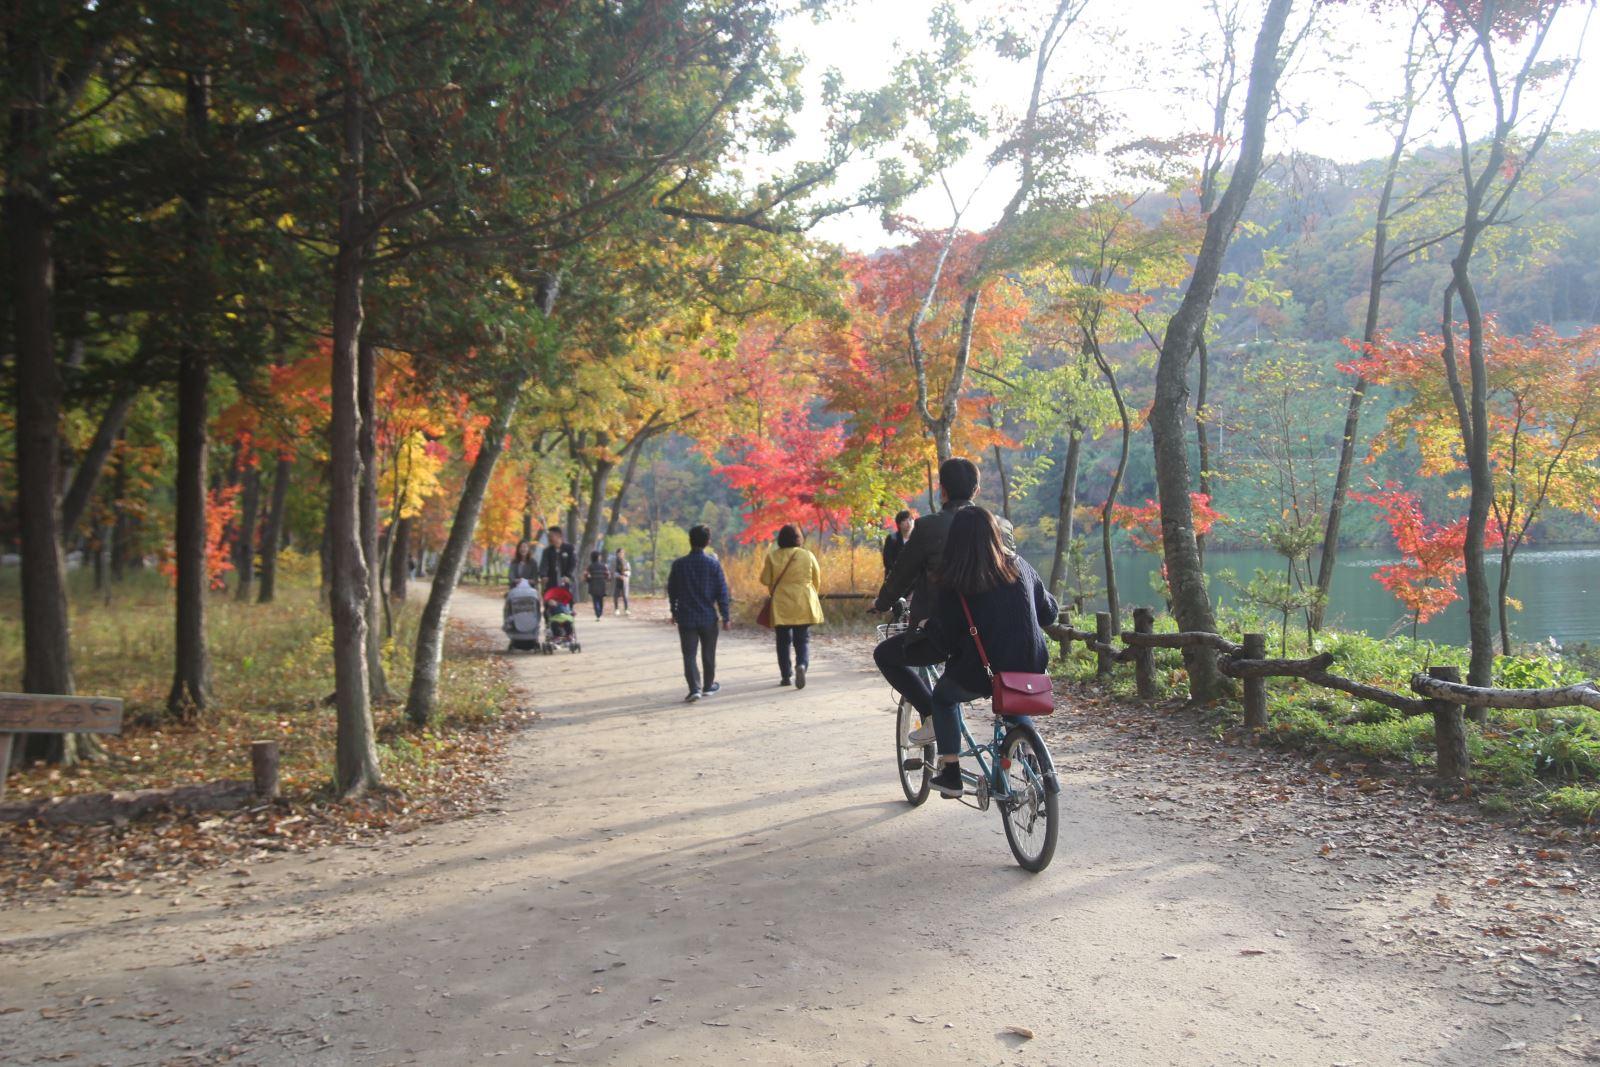 Lá vàng, lá đỏ vào đợt đẹp nhất mùa thu xứ Hàn Ảnh 10